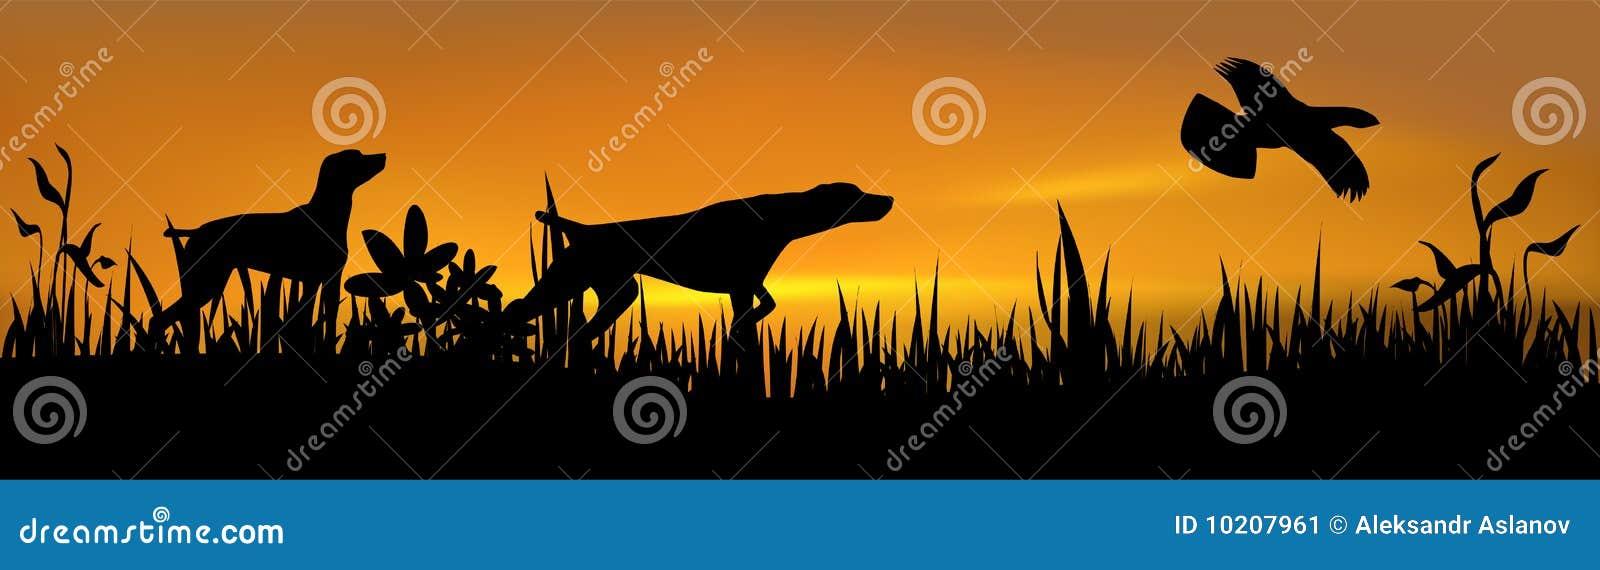 猎鸟犬寻找